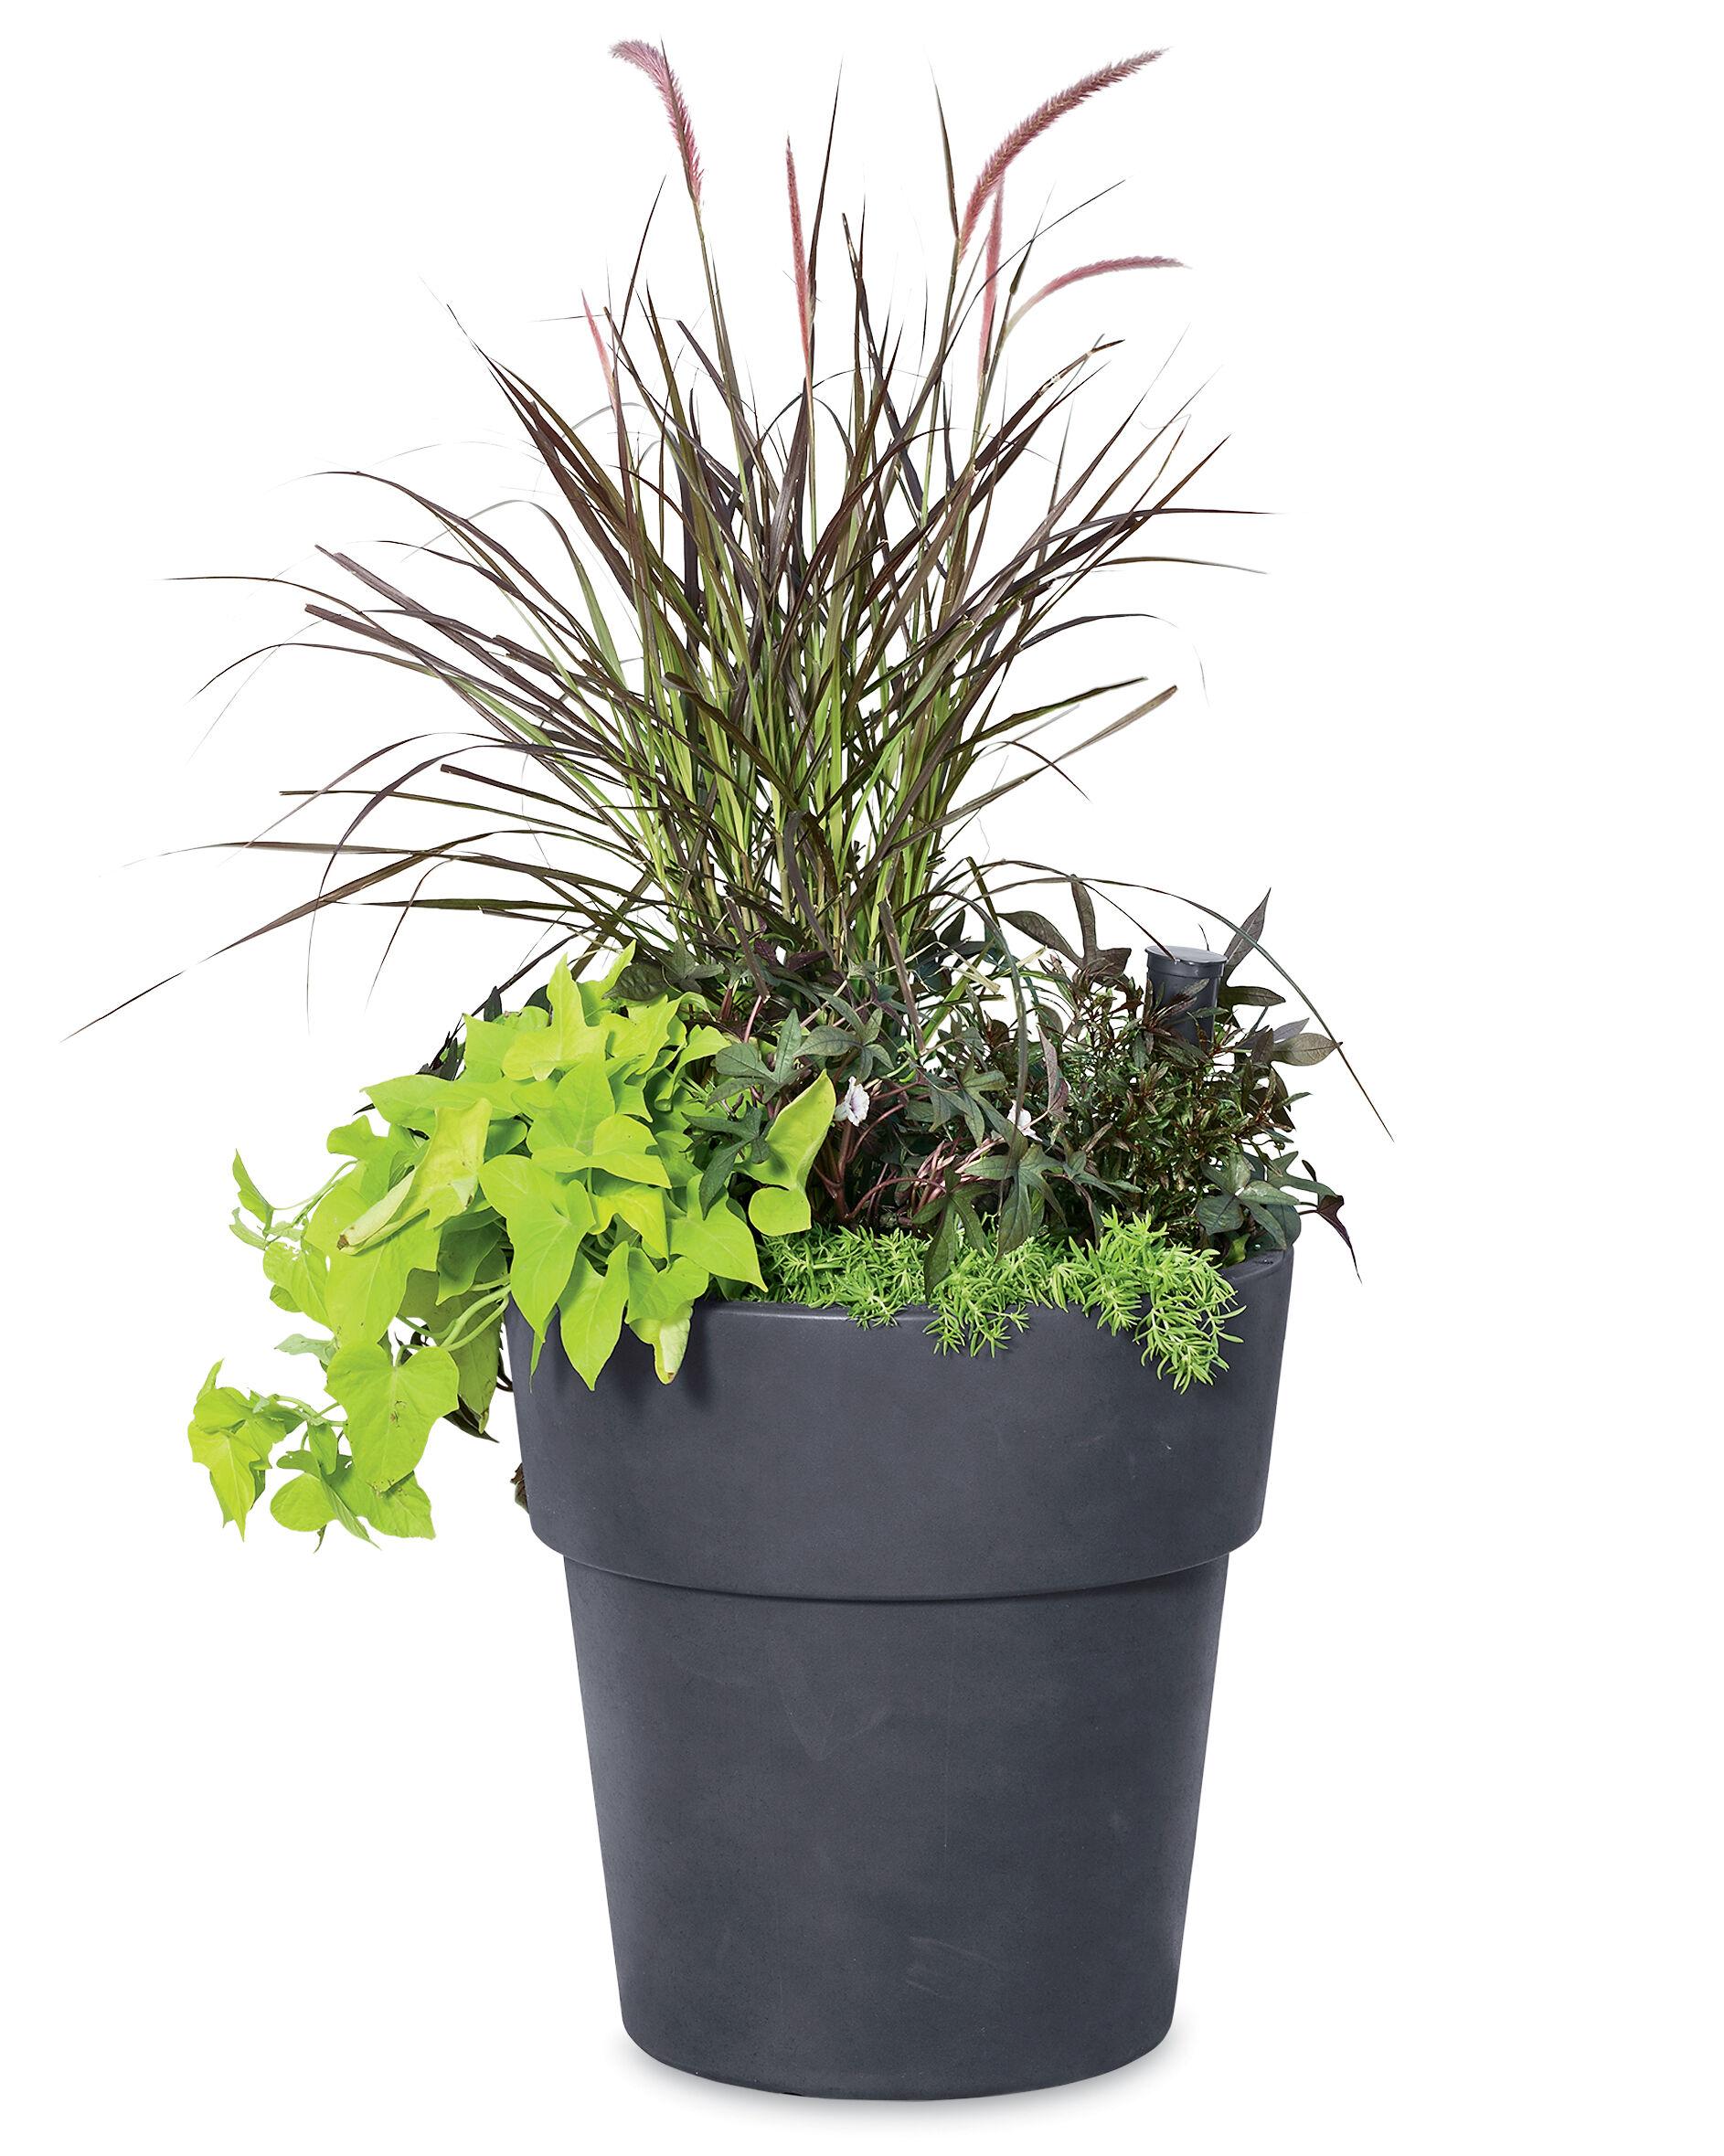 Flower Pots Flower Planters Decorative Planters